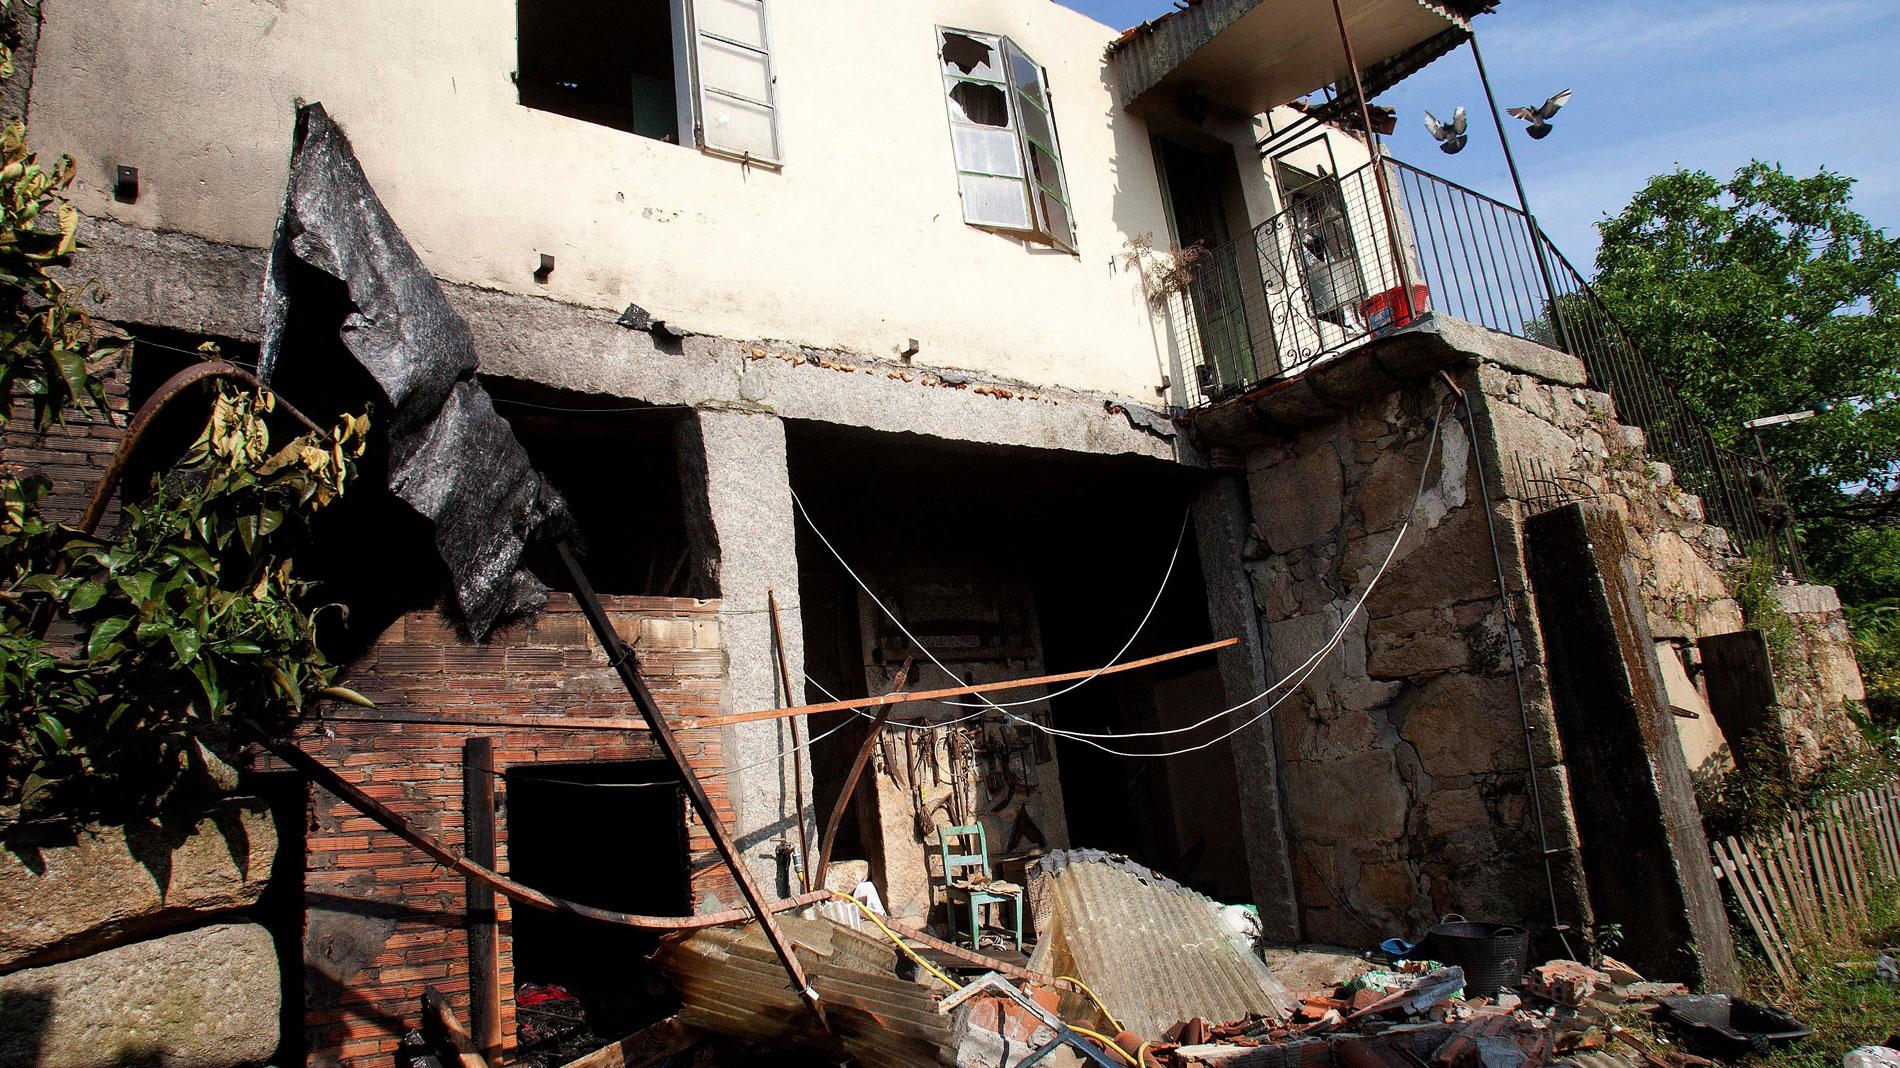 Más de mil kilos de material pirotécnico podrían estar almacenados en el depósito clandestino que explotó en Tui